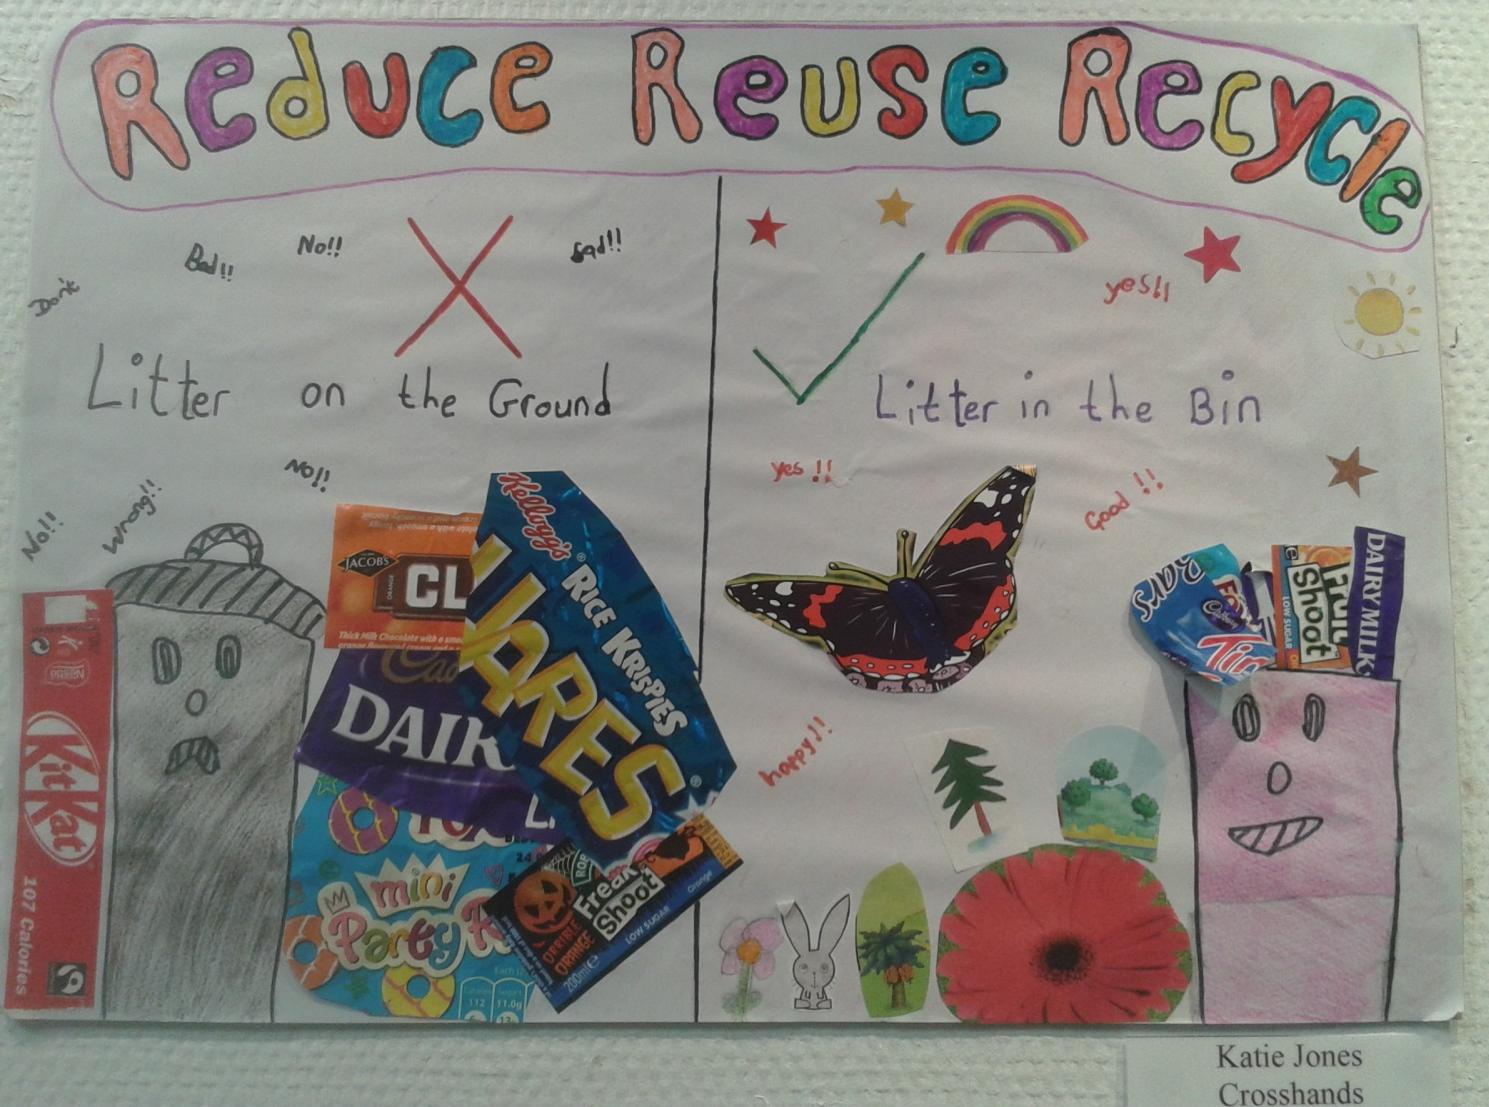 Winner Poster from Crosshands School